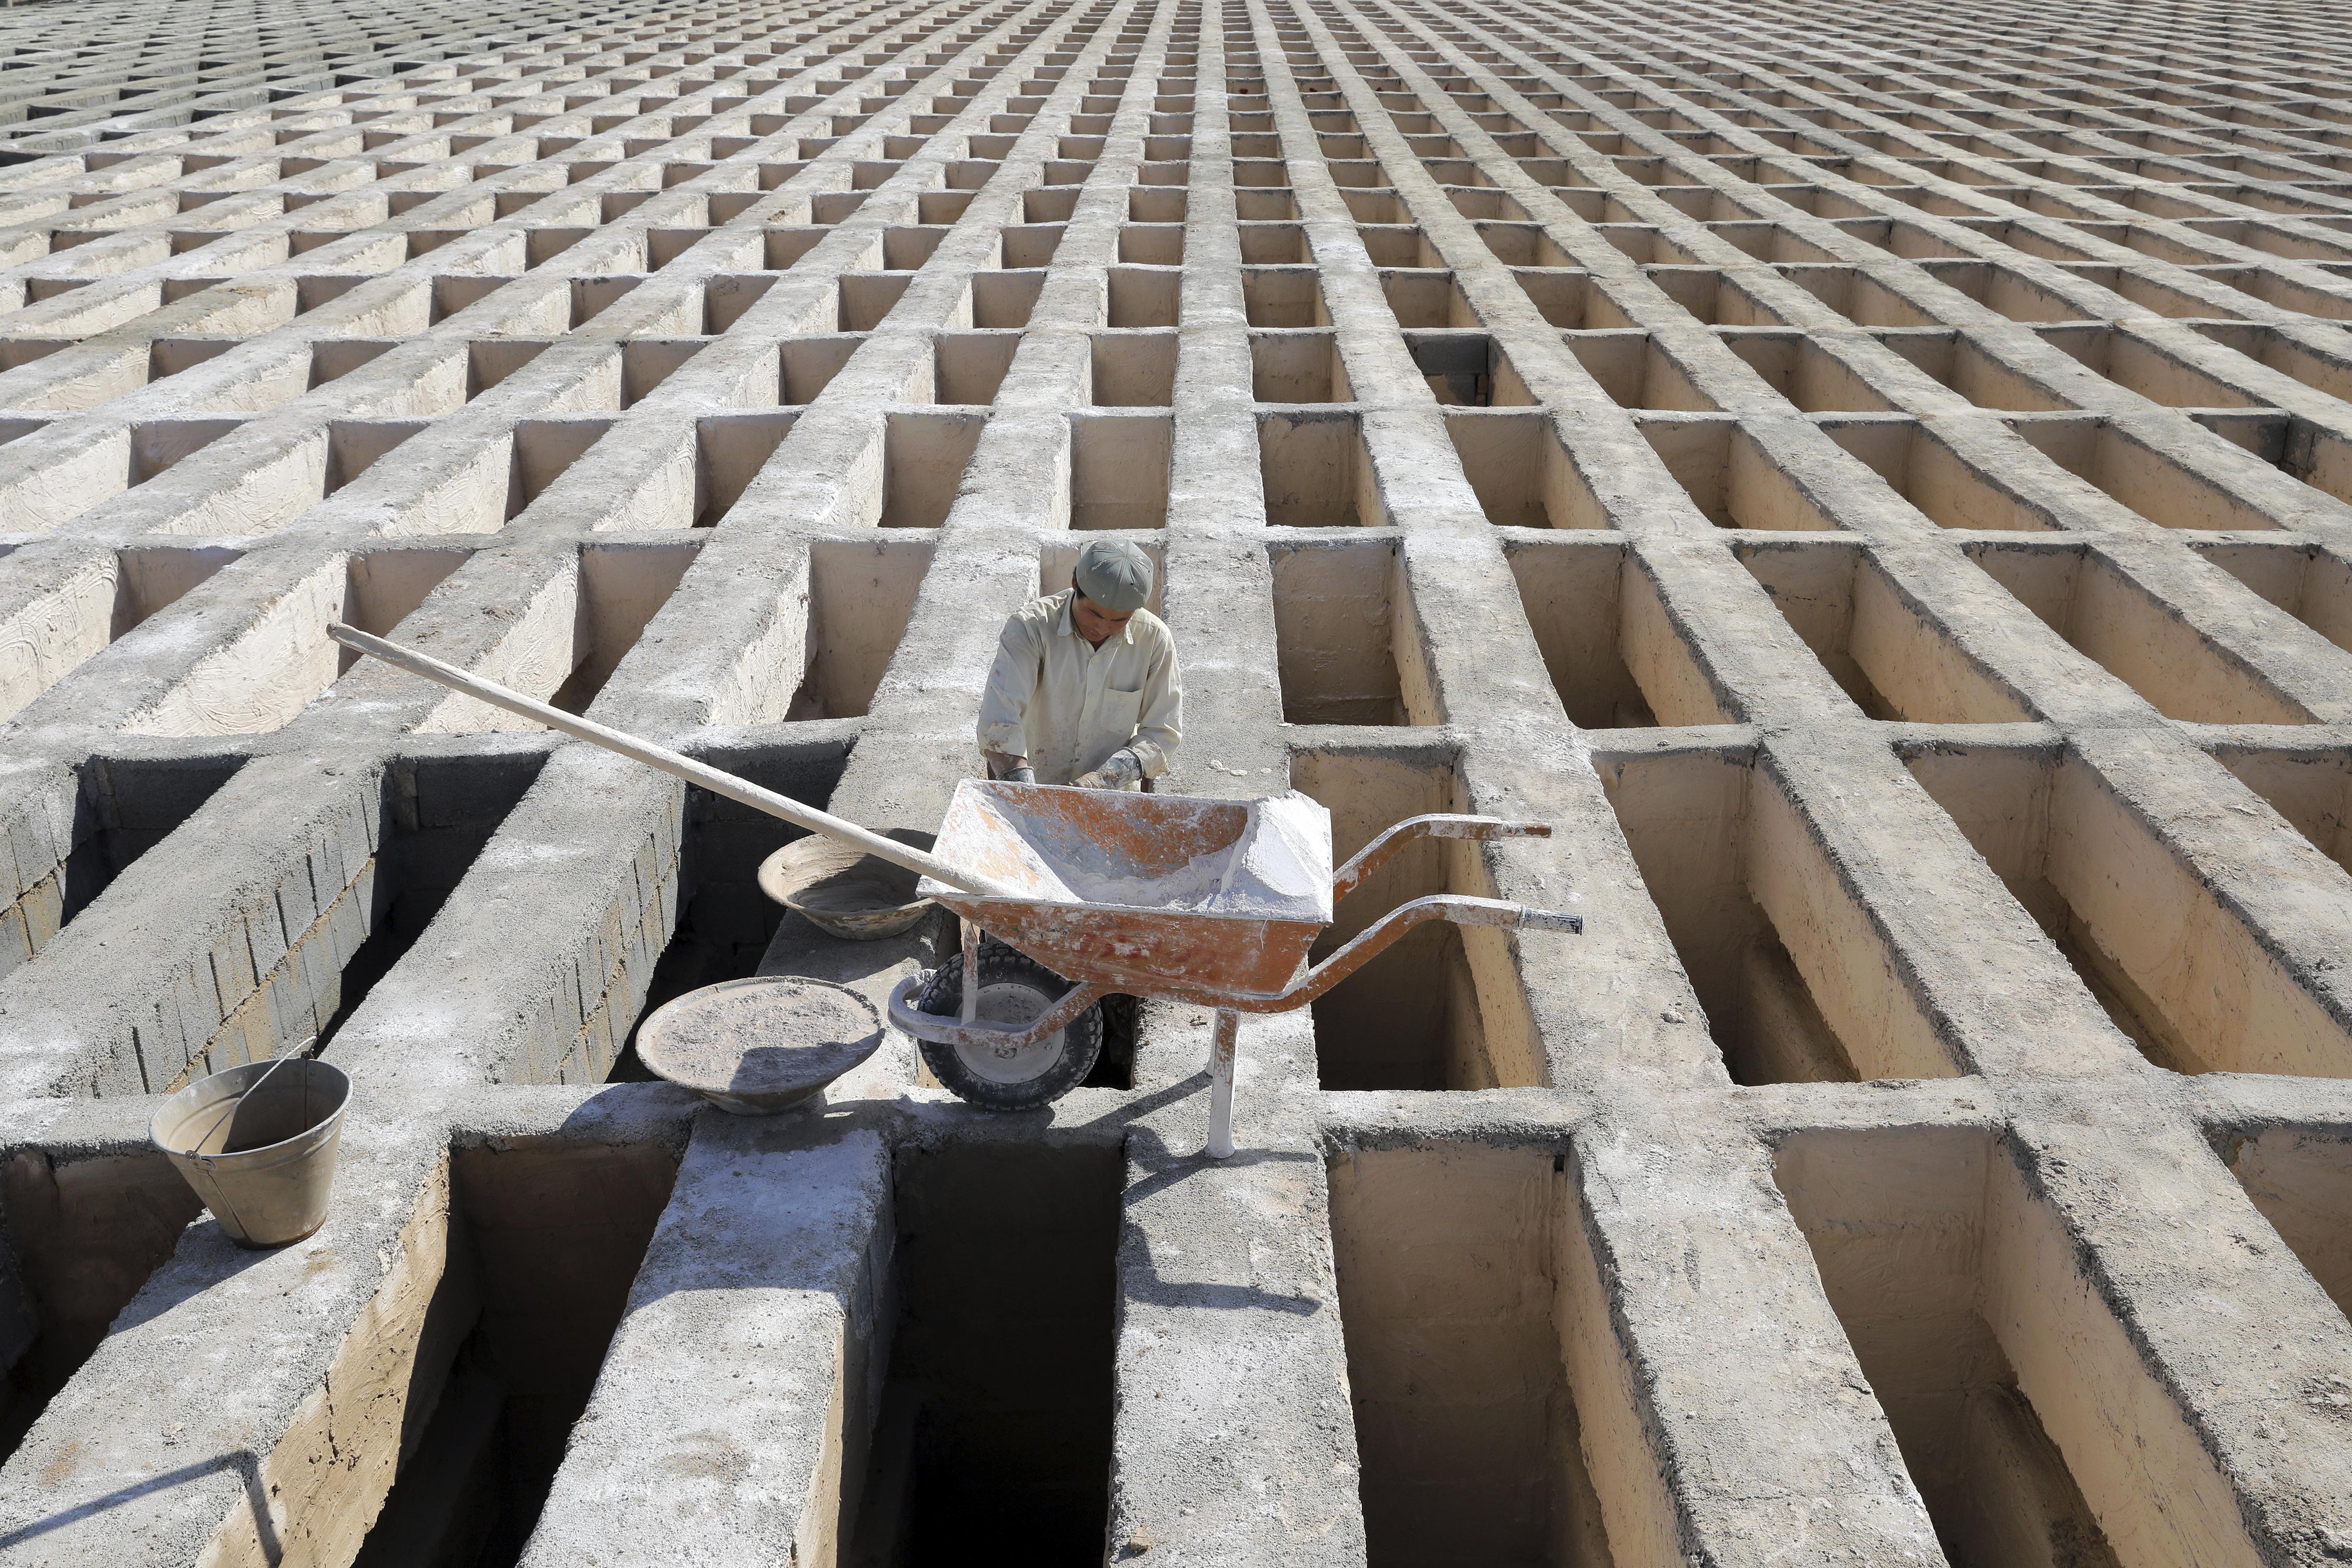 Tumbas de tres pisos para hacer frente a los muertos por la covid-19 en Teherán